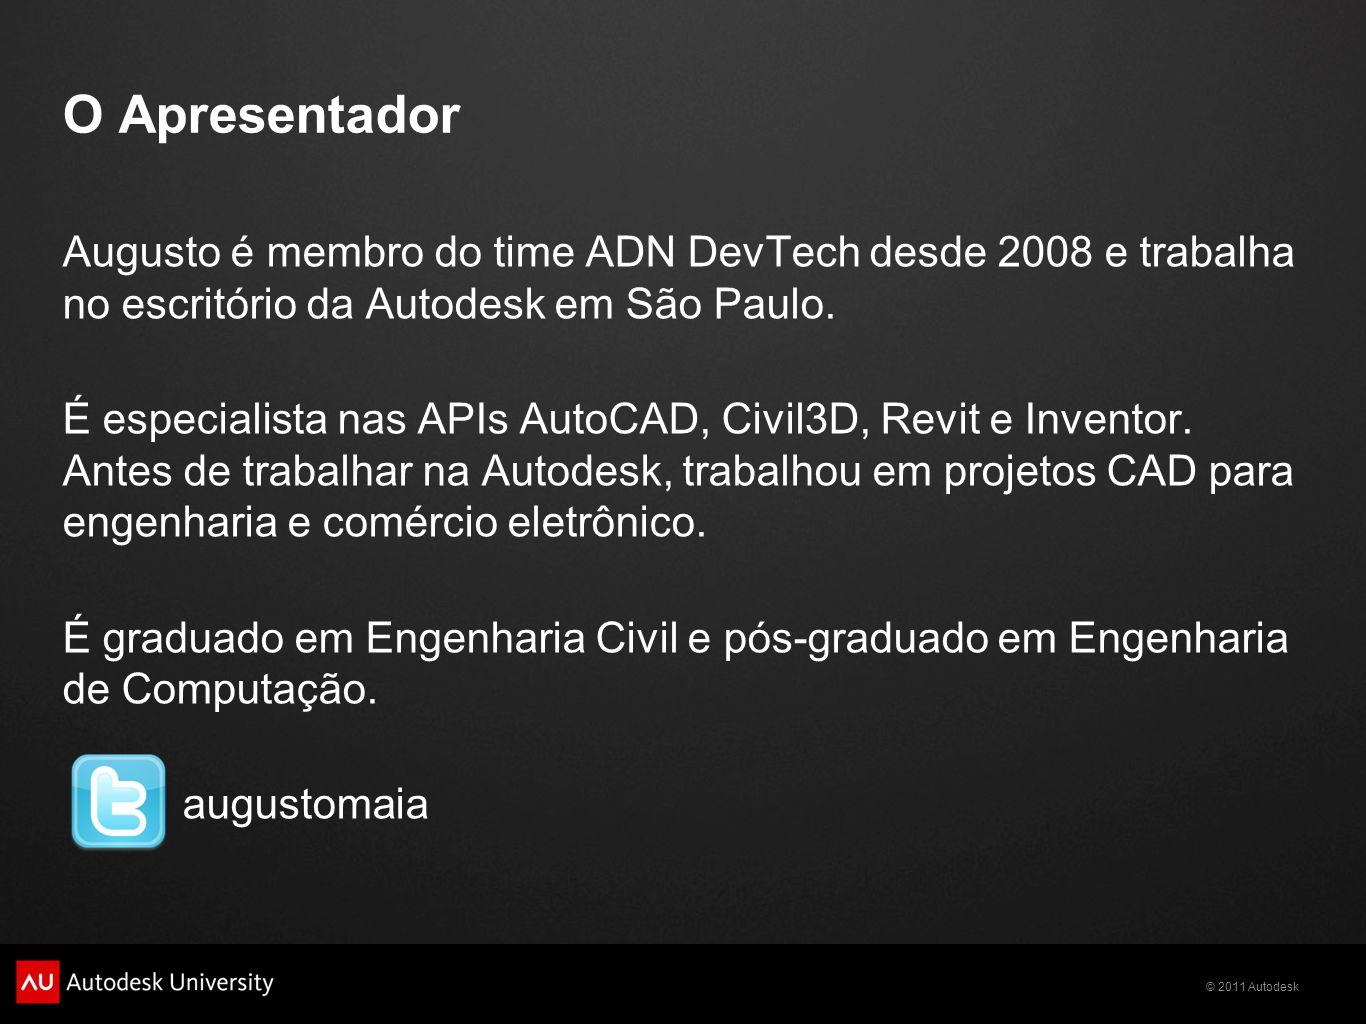 O Apresentador Augusto é membro do time ADN DevTech desde 2008 e trabalha no escritório da Autodesk em São Paulo.